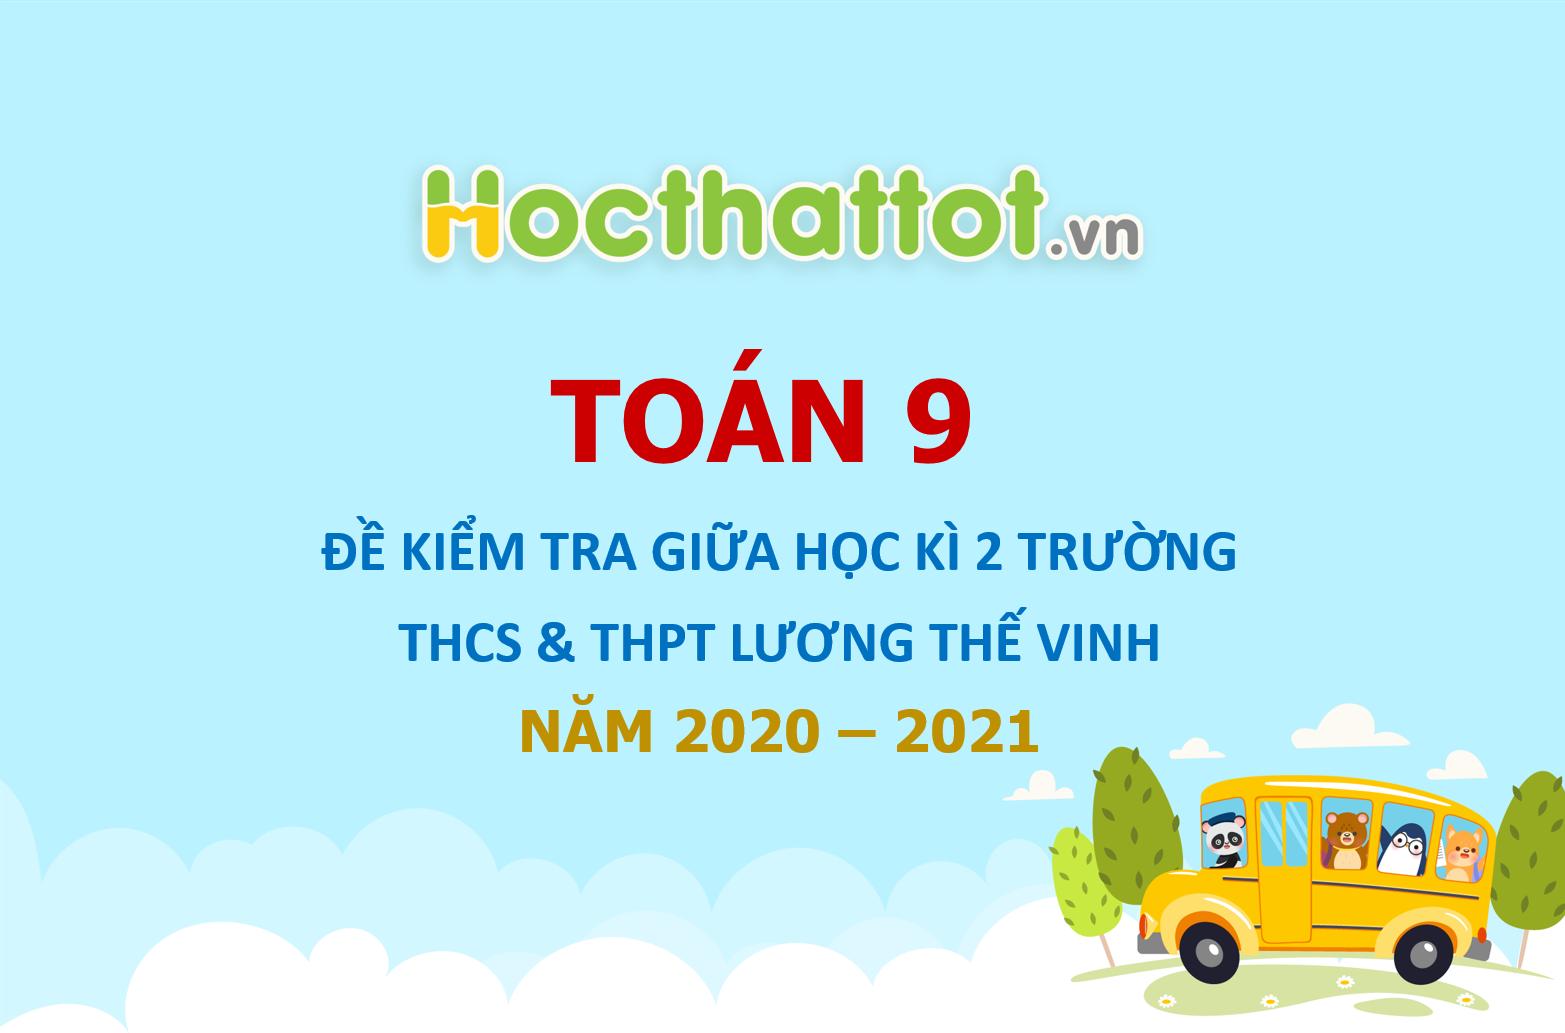 de-thi-giua-ki-2-toan-9-nam-2020-2021-truong-luong-the-vinh-ha-noi.pdf